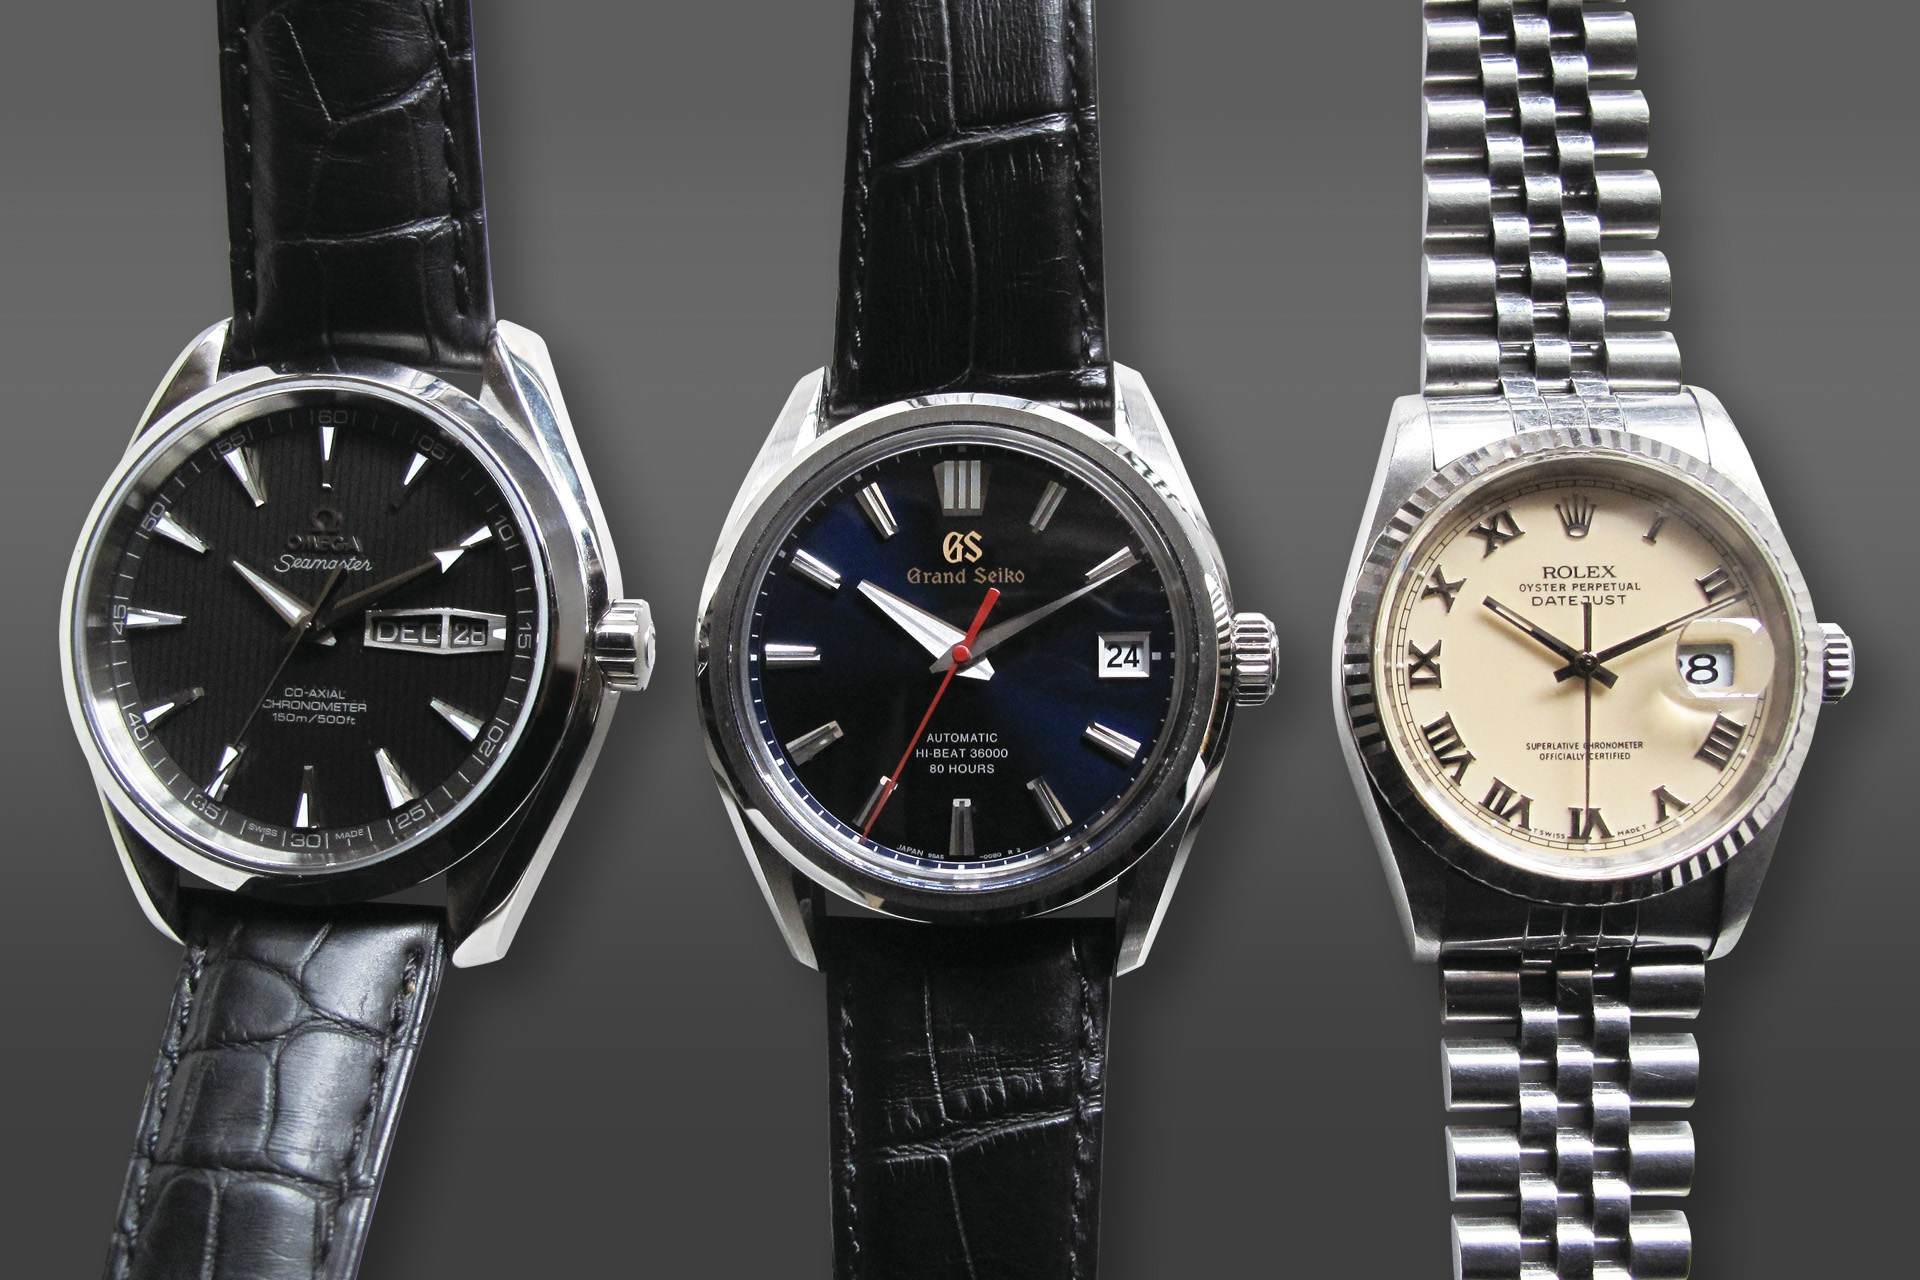 【曾士昕專欄】等量齊觀:三支錶 三顆芯